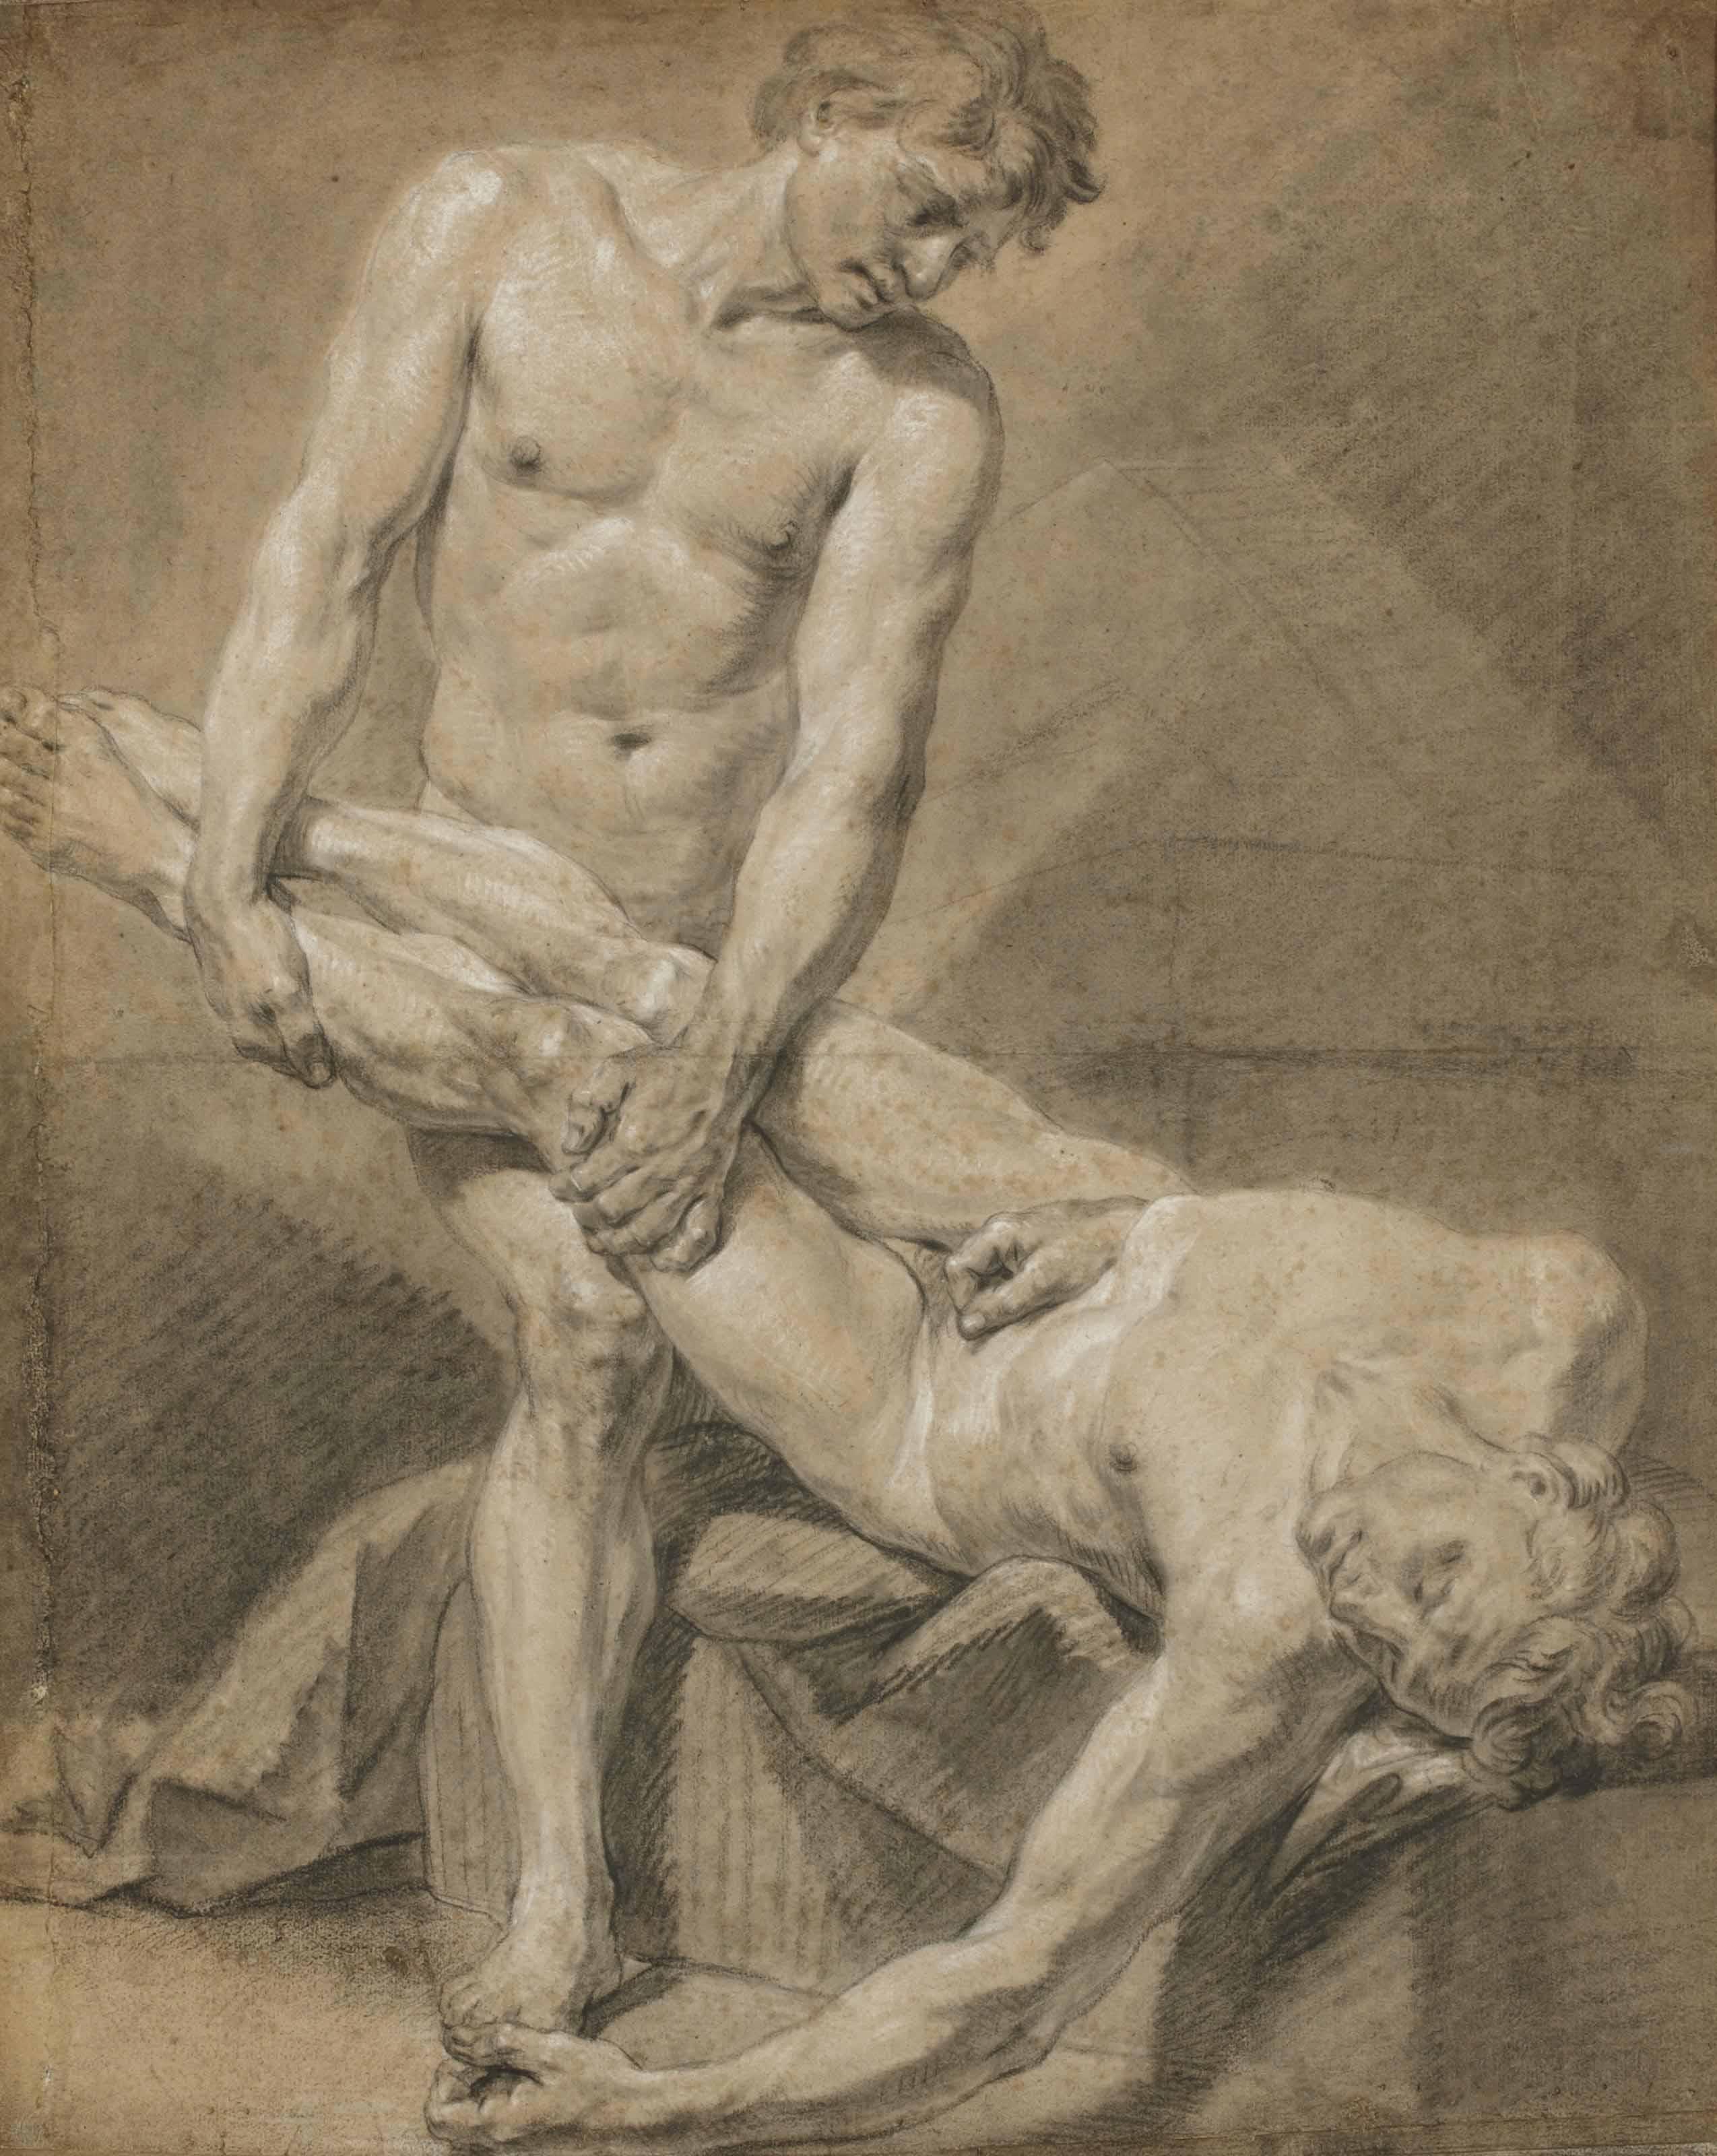 Académie de deux hommes nus